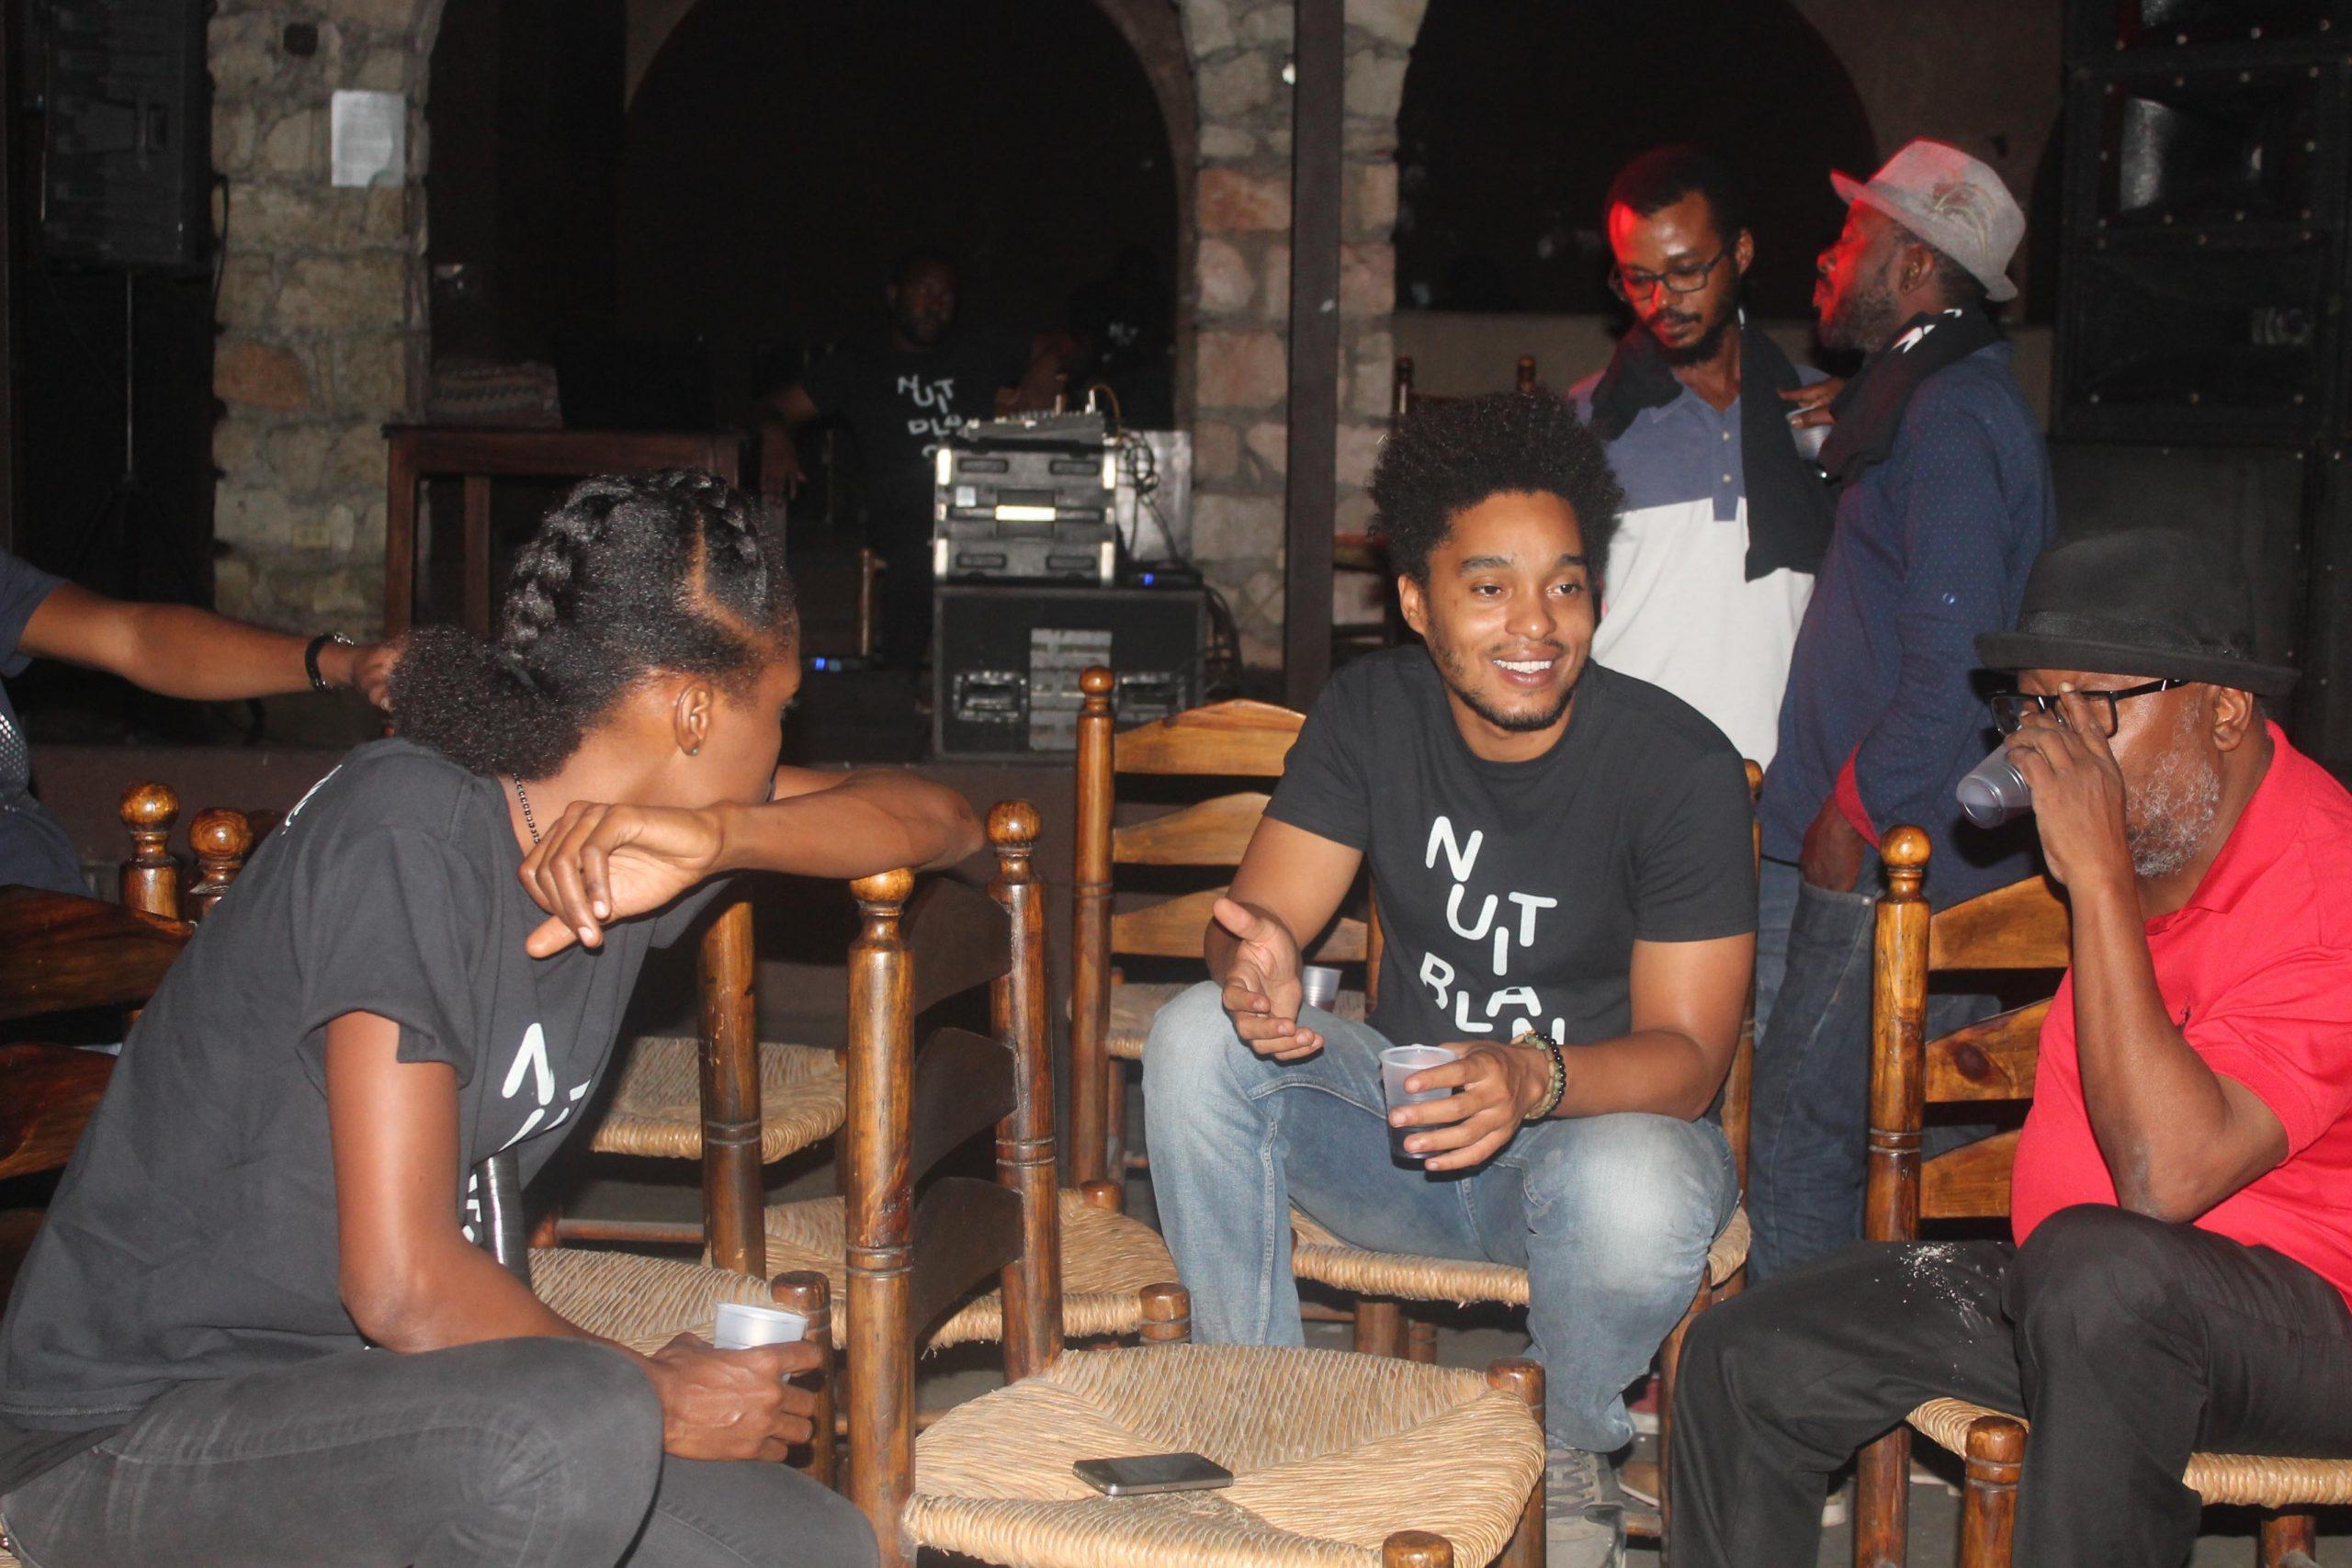 Nuit blanche 2019 Port-au-Prince